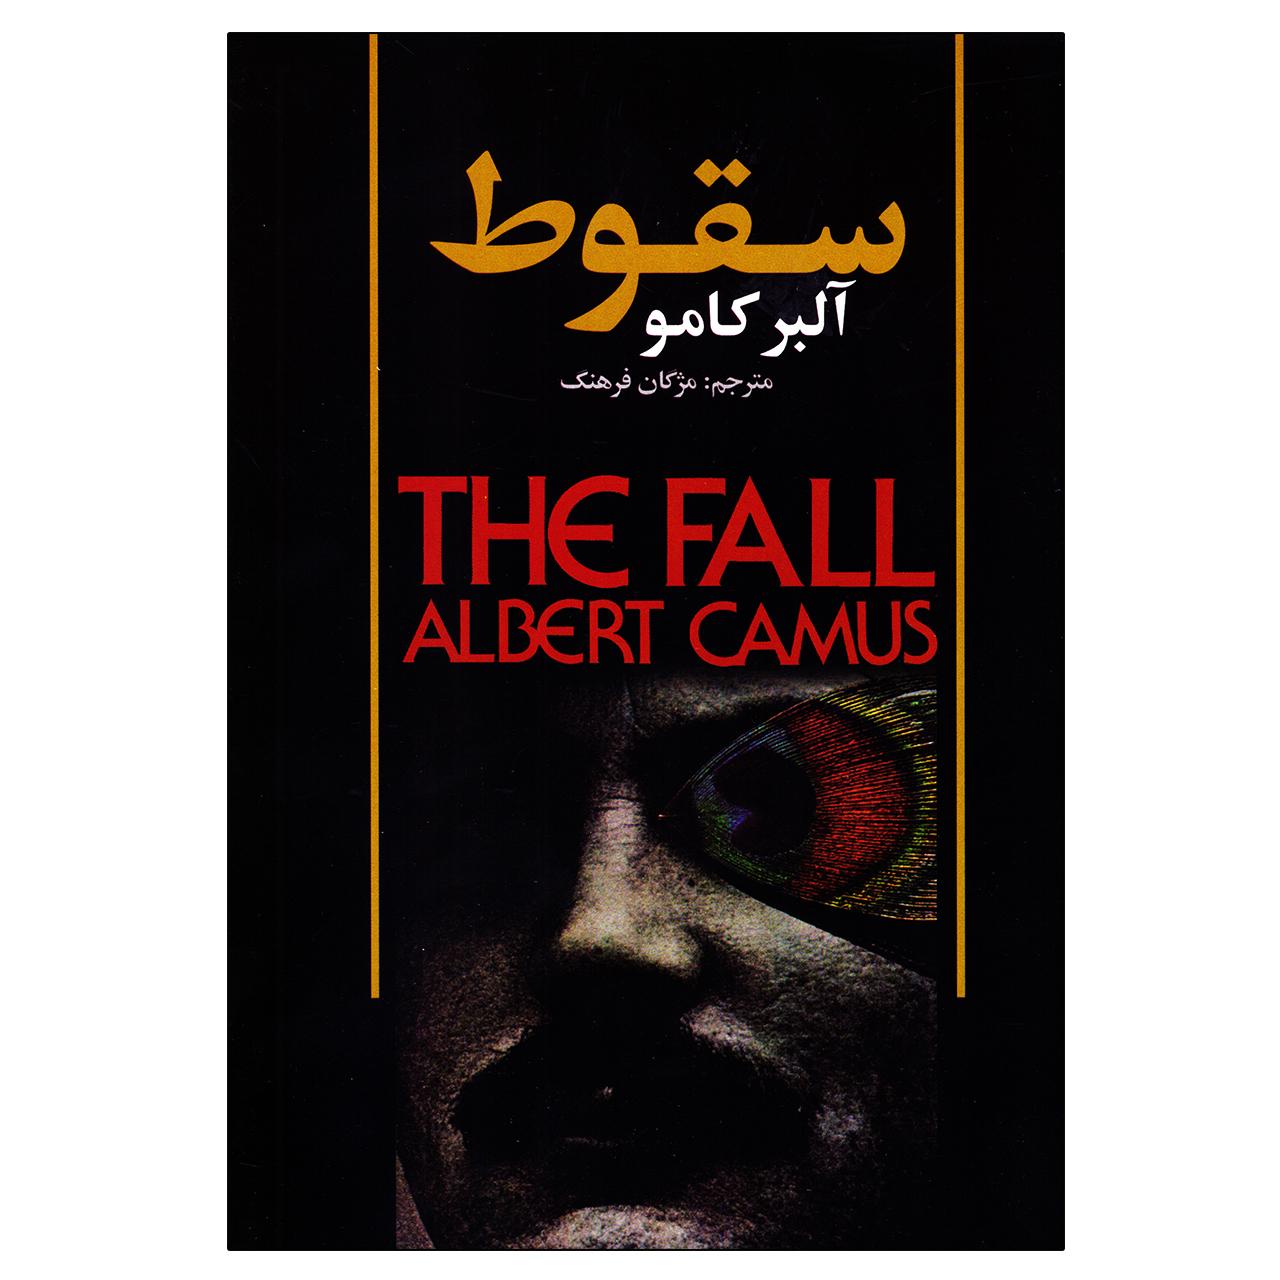 کتاب سقوط اثر آلبر کامو نشر حباب